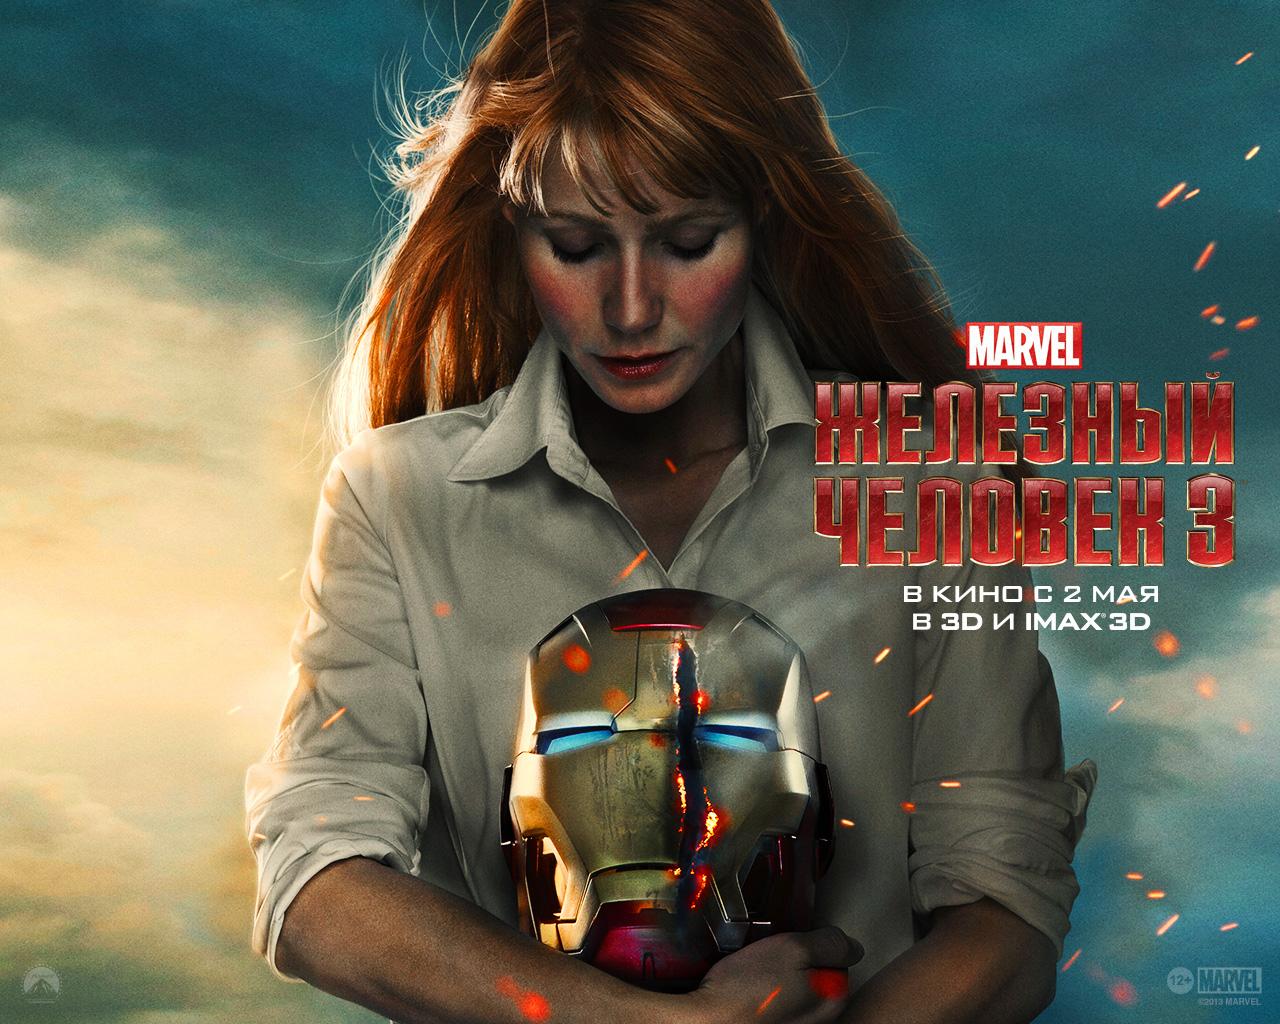 Железный человек 3 (Iron Man 3) 2 13 смотреть онлайн